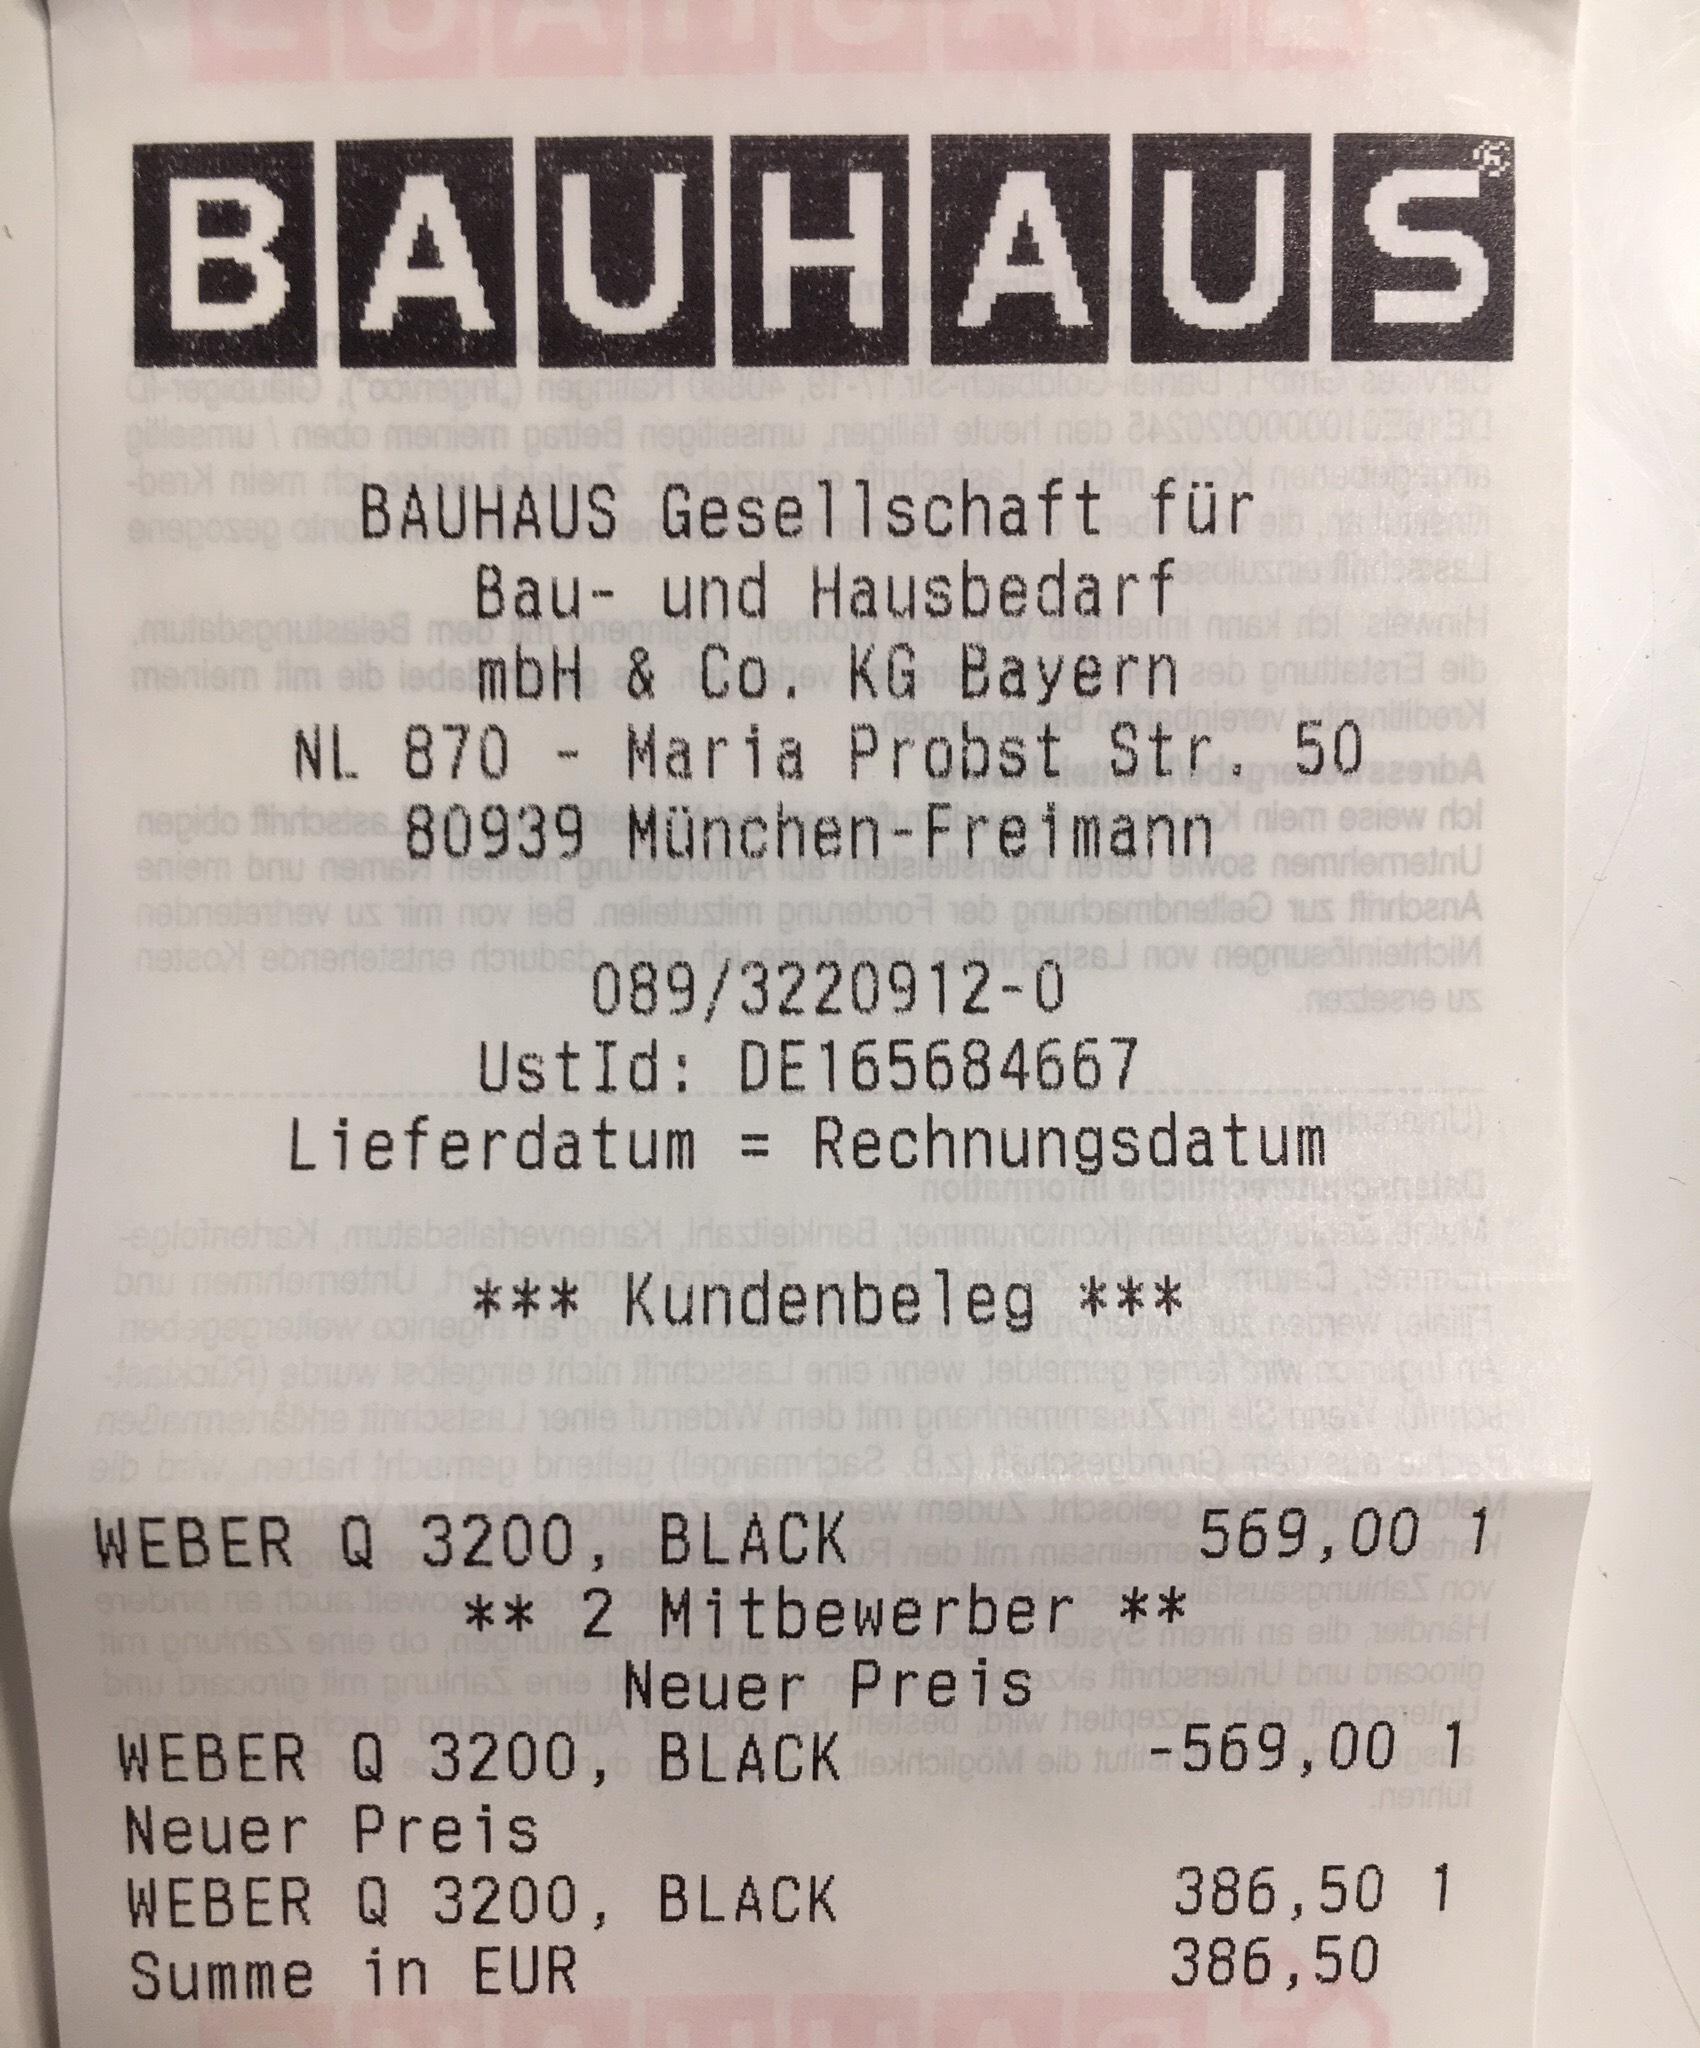 [bundesweit? @Bauhaus] Weber Q3200 mit Tiefpreisgarantie von BAUHAUS